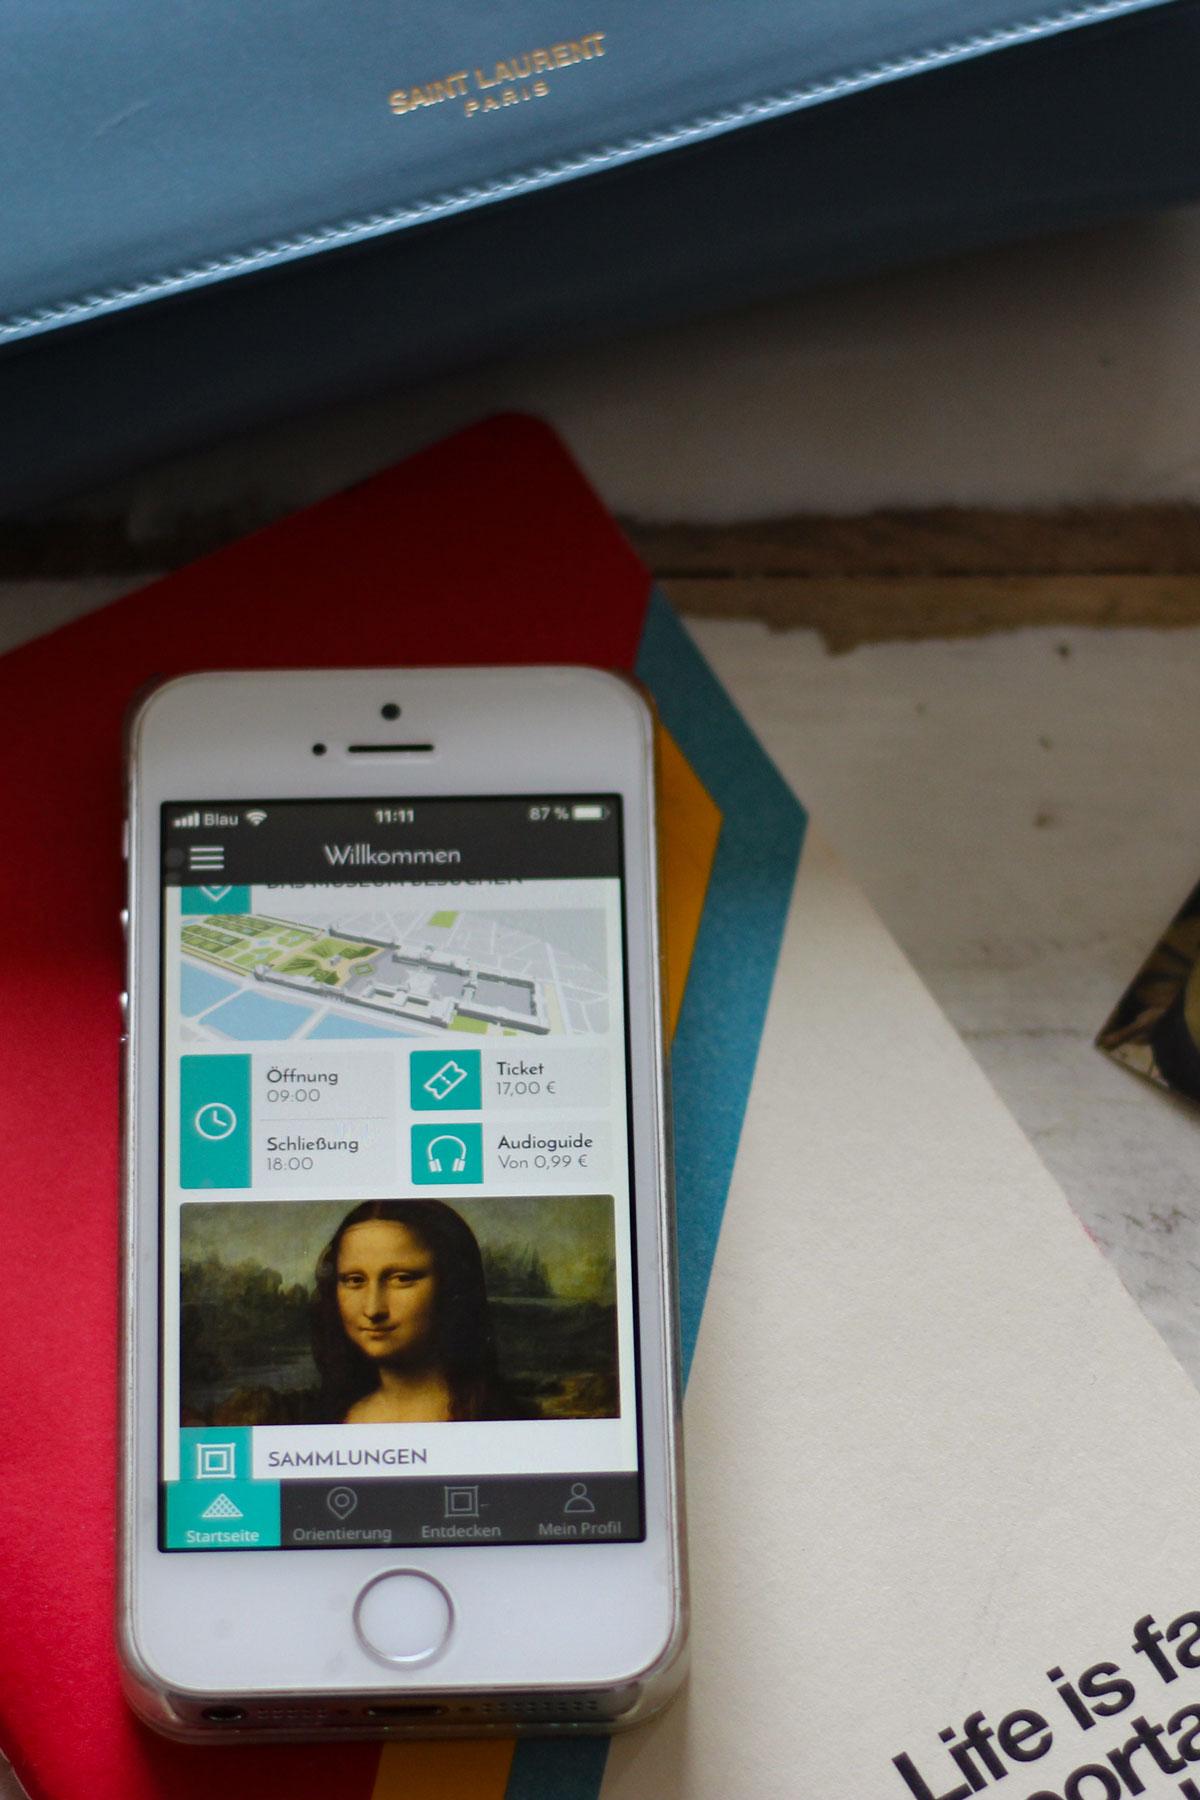 Louvre Besuch planen mit App